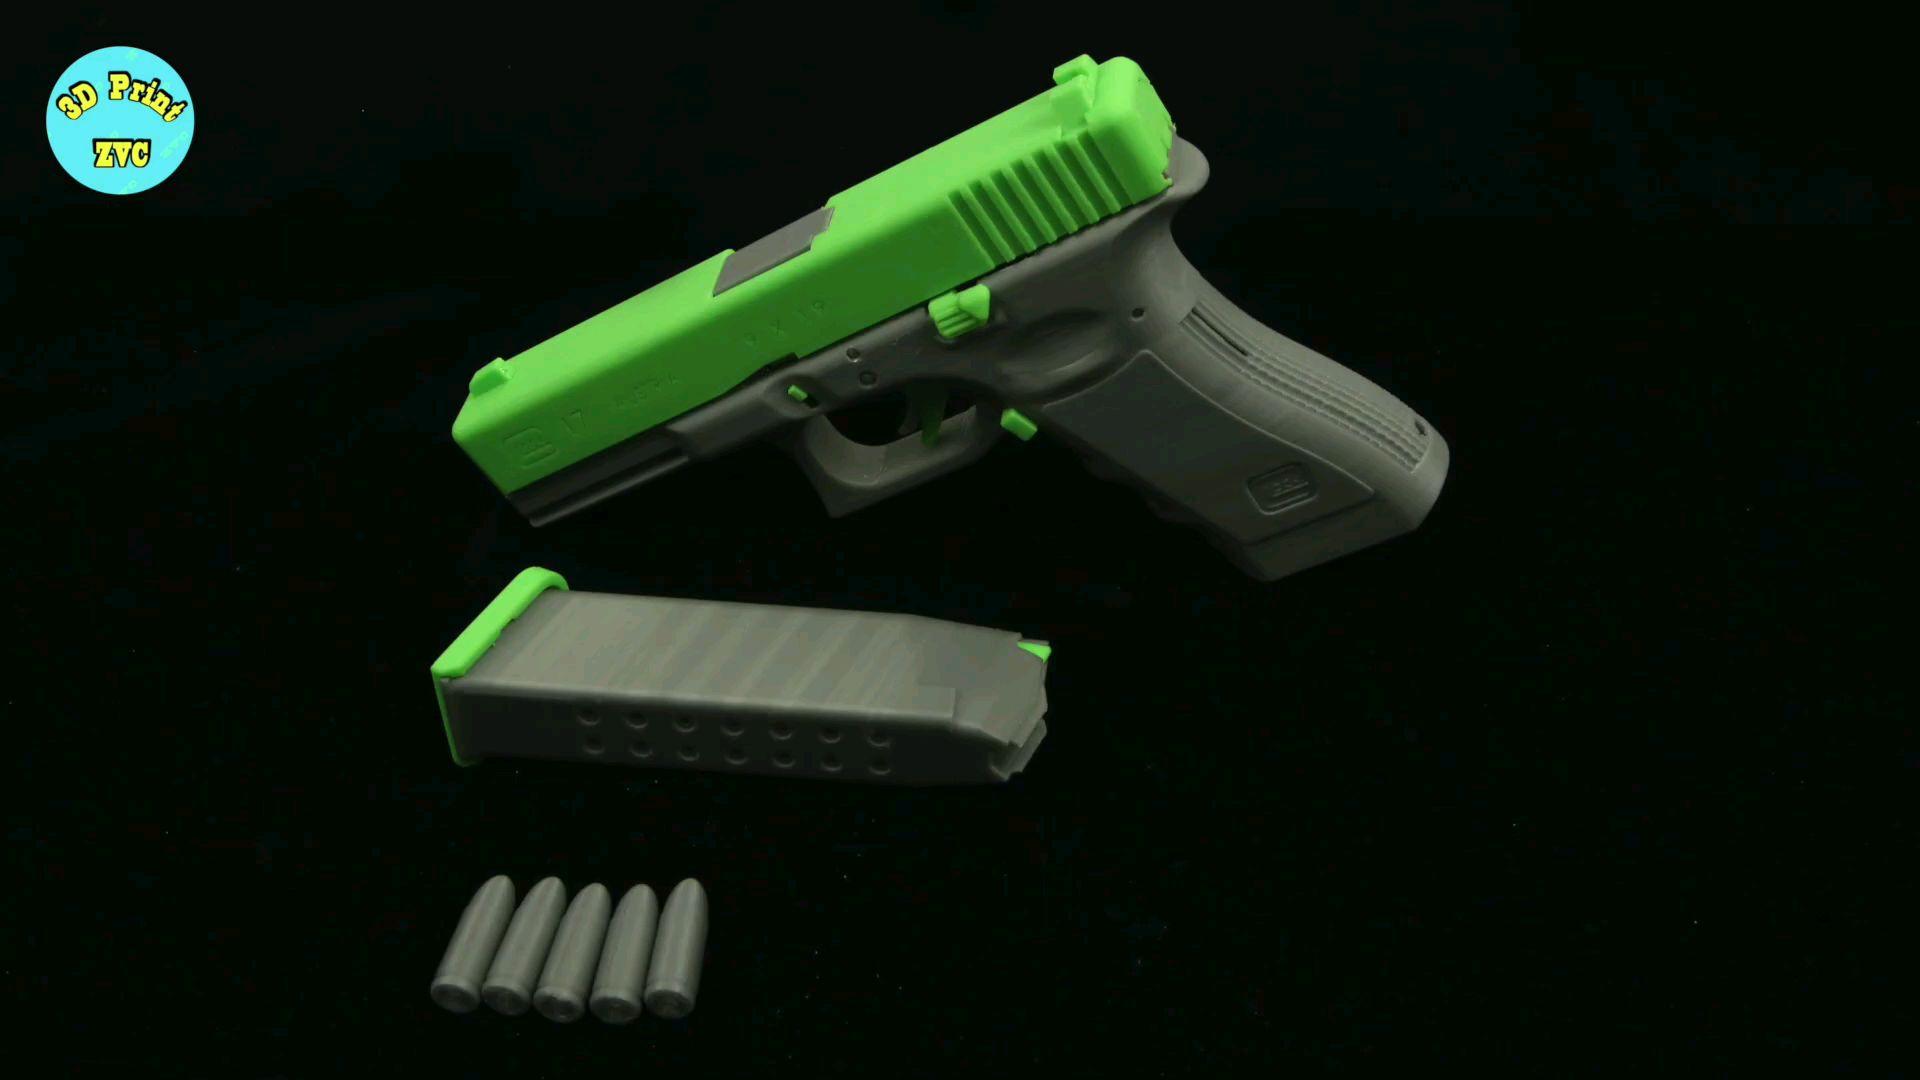 [油管搬运]3D打印模型 格洛克G17